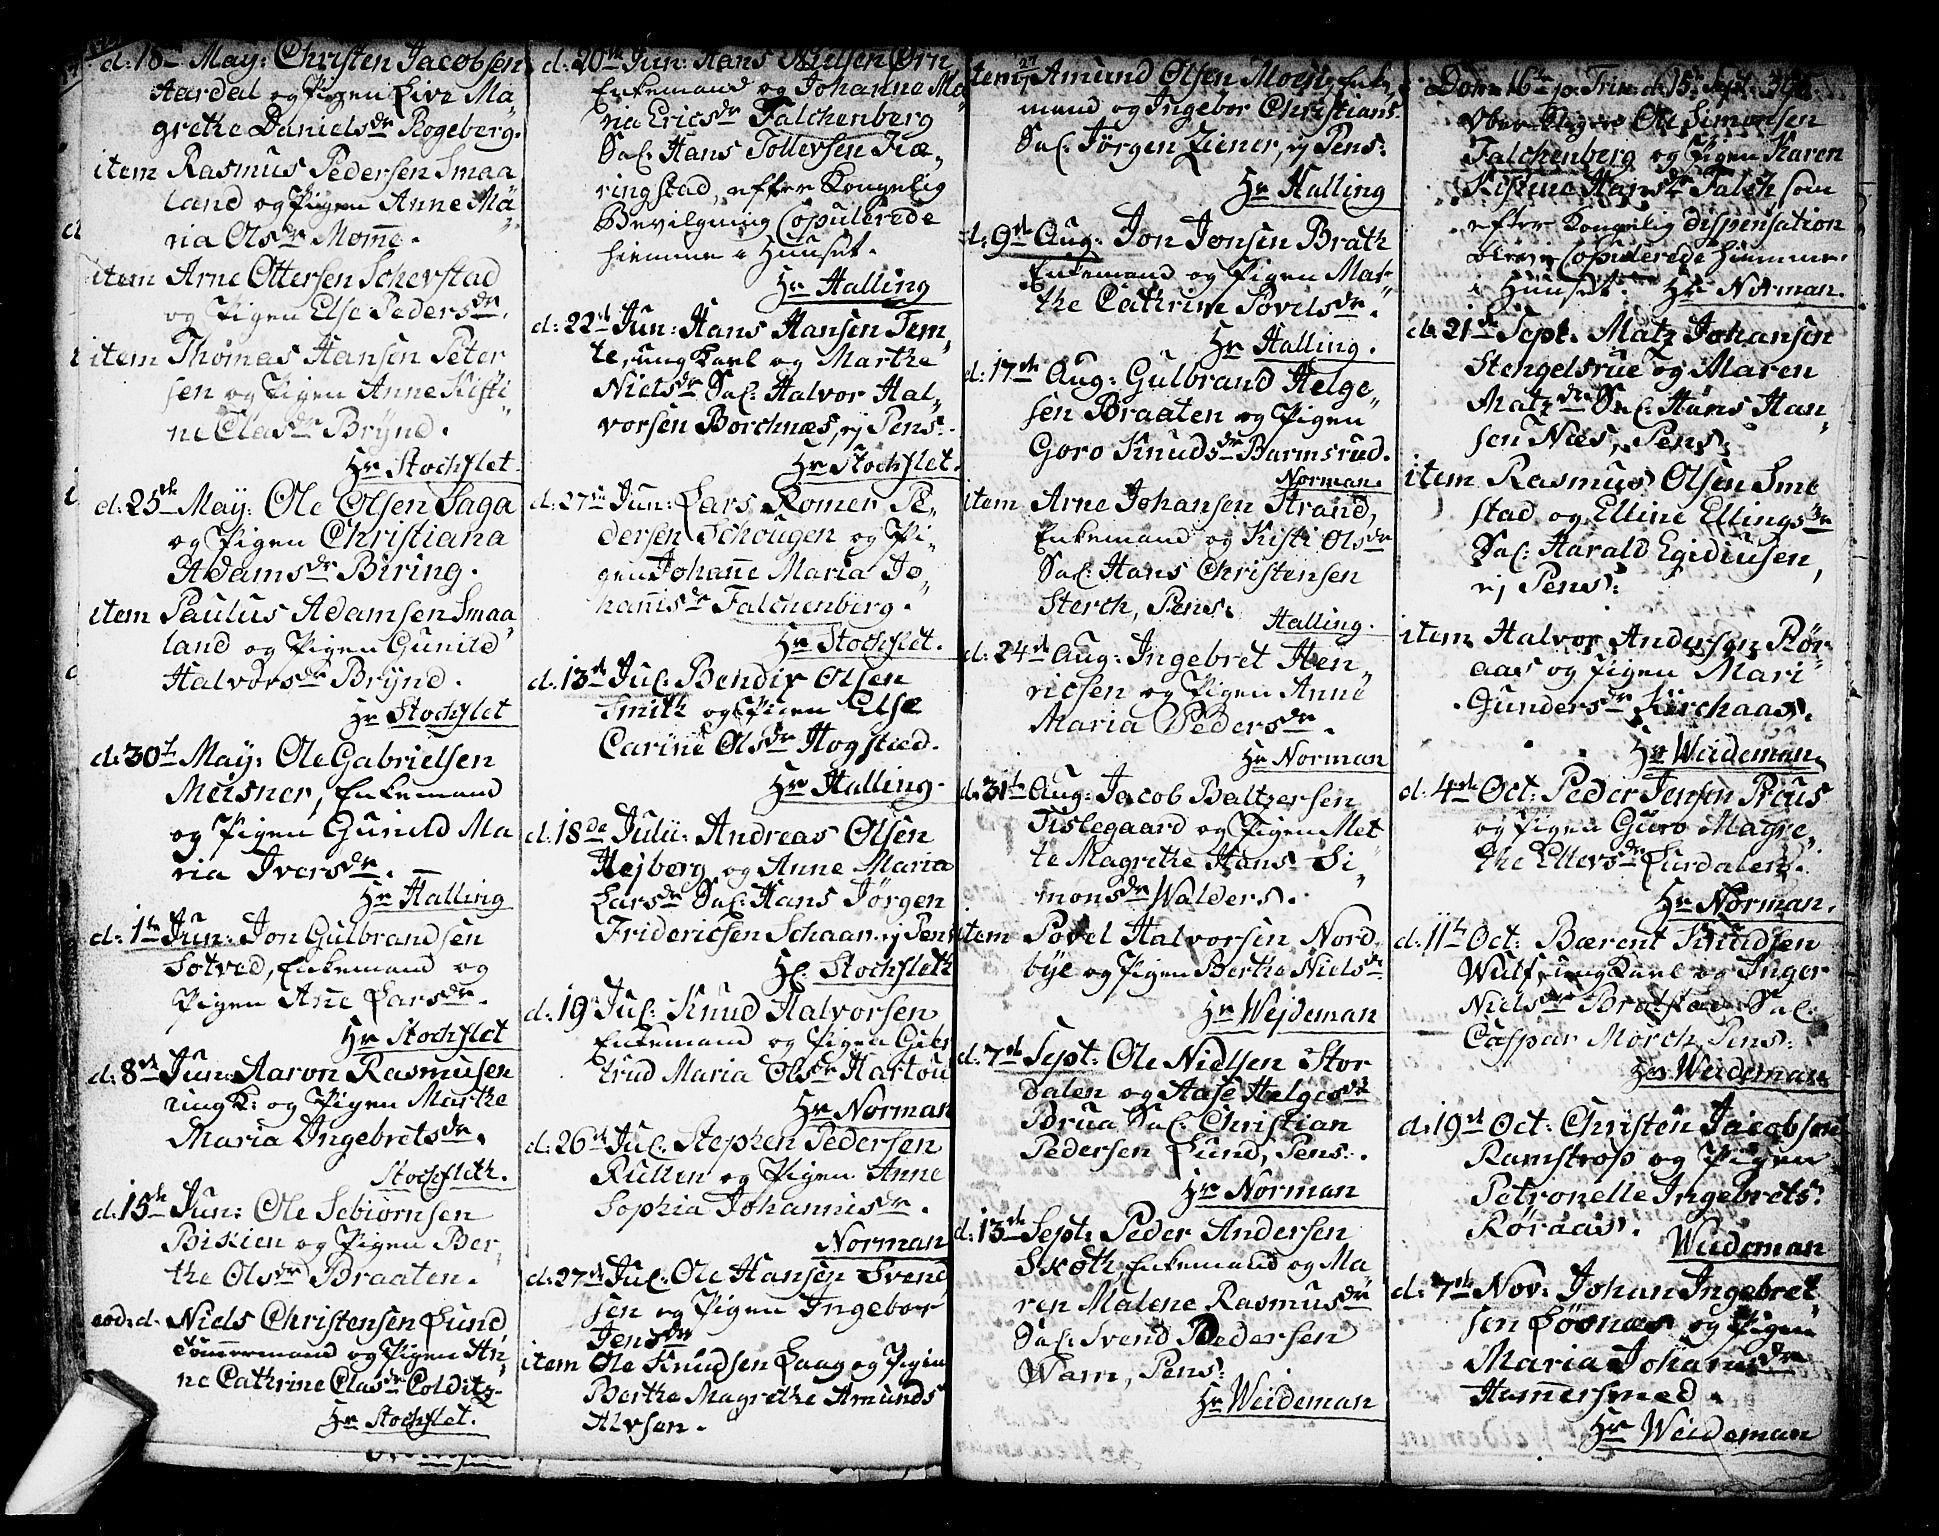 SAKO, Kongsberg kirkebøker, F/Fa/L0006: Ministerialbok nr. I 6, 1783-1797, s. 395